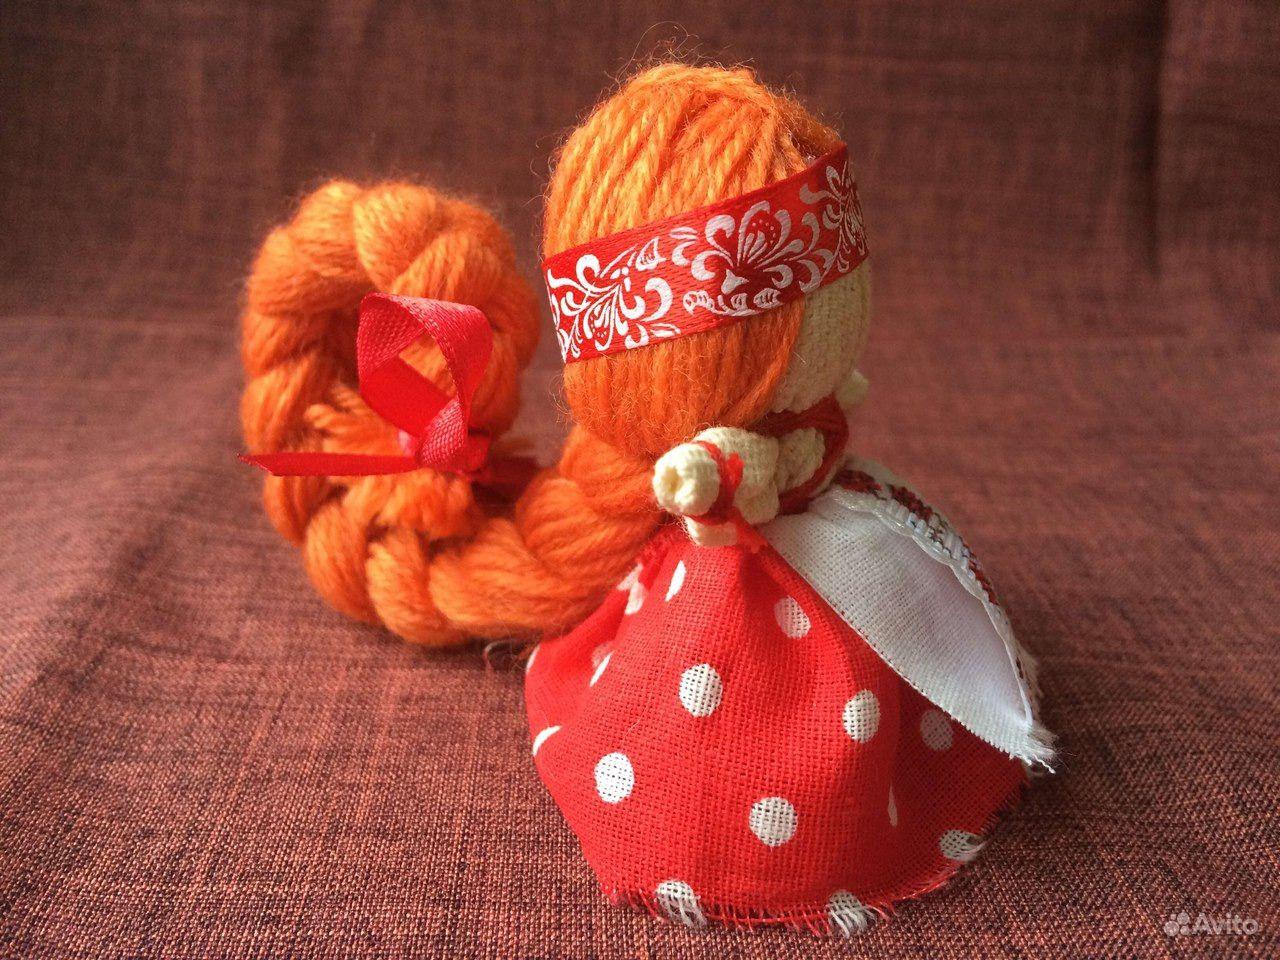 шубка кукла оберег на счастье значение следует заказывать менеджеров